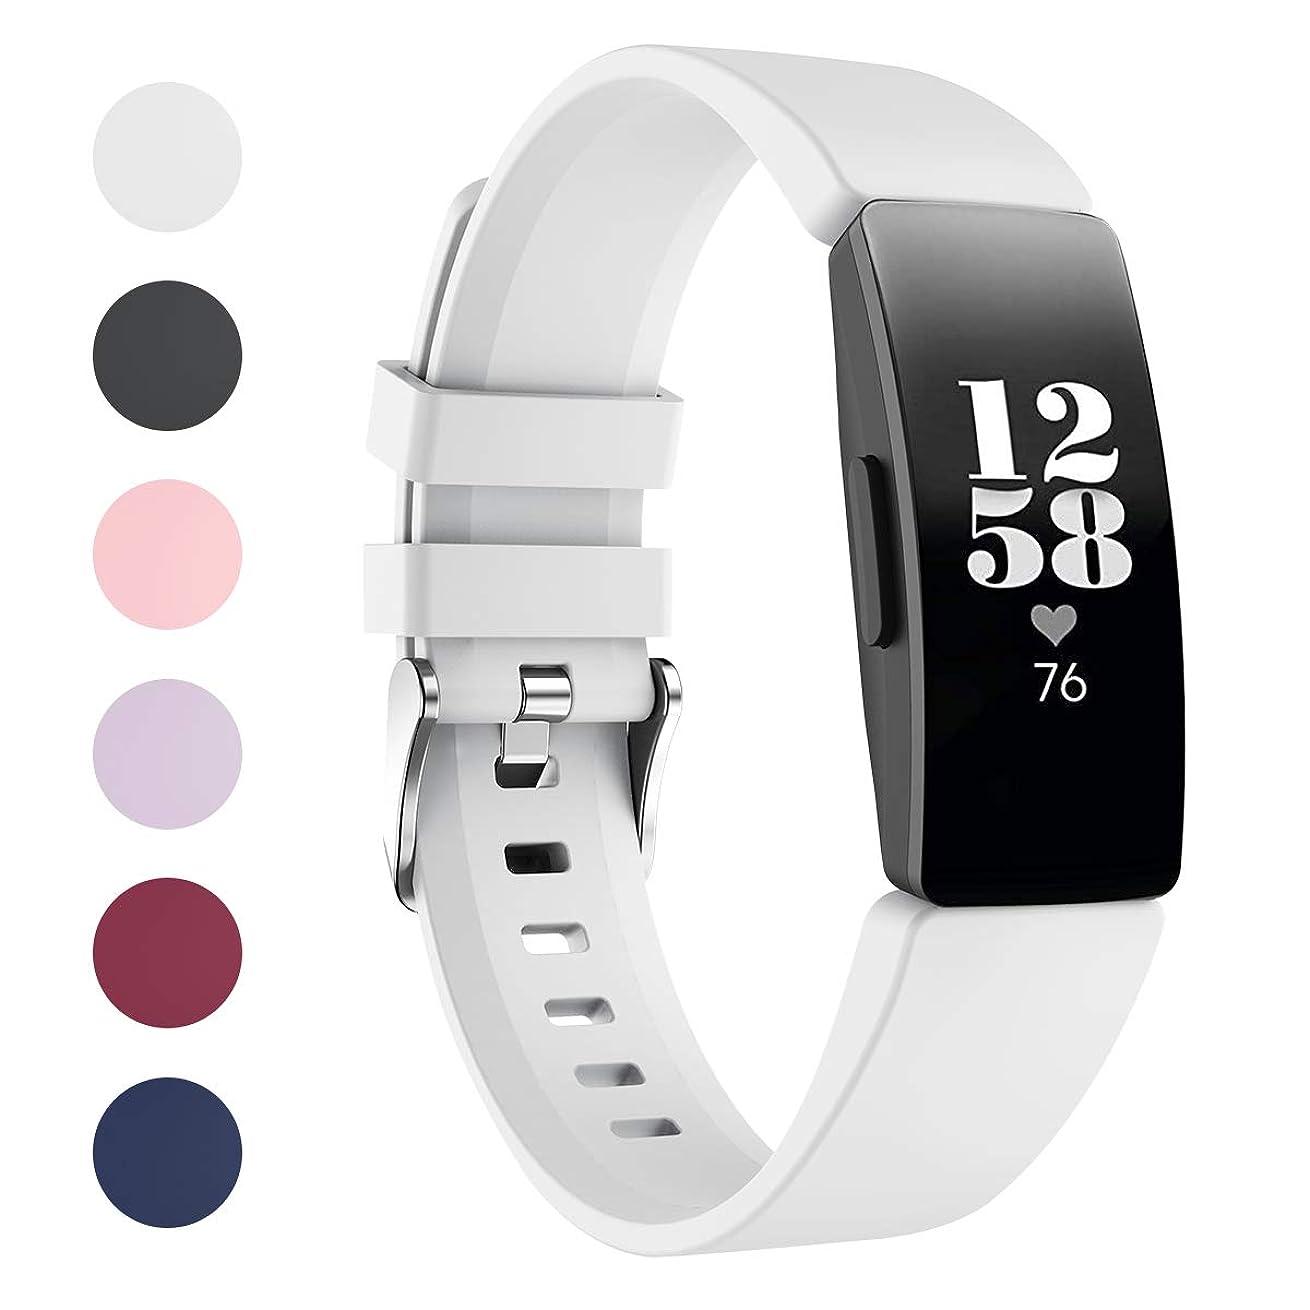 石の機会バルクVICARA for Fitbit Inspire/Fitbit Inspire HR バンド 交換用 柔らかいシリコン 調整可能 スポーツ ベルト for フィットビット Inspire/フィットビット Inspire HR シリカゲル(c-白い)